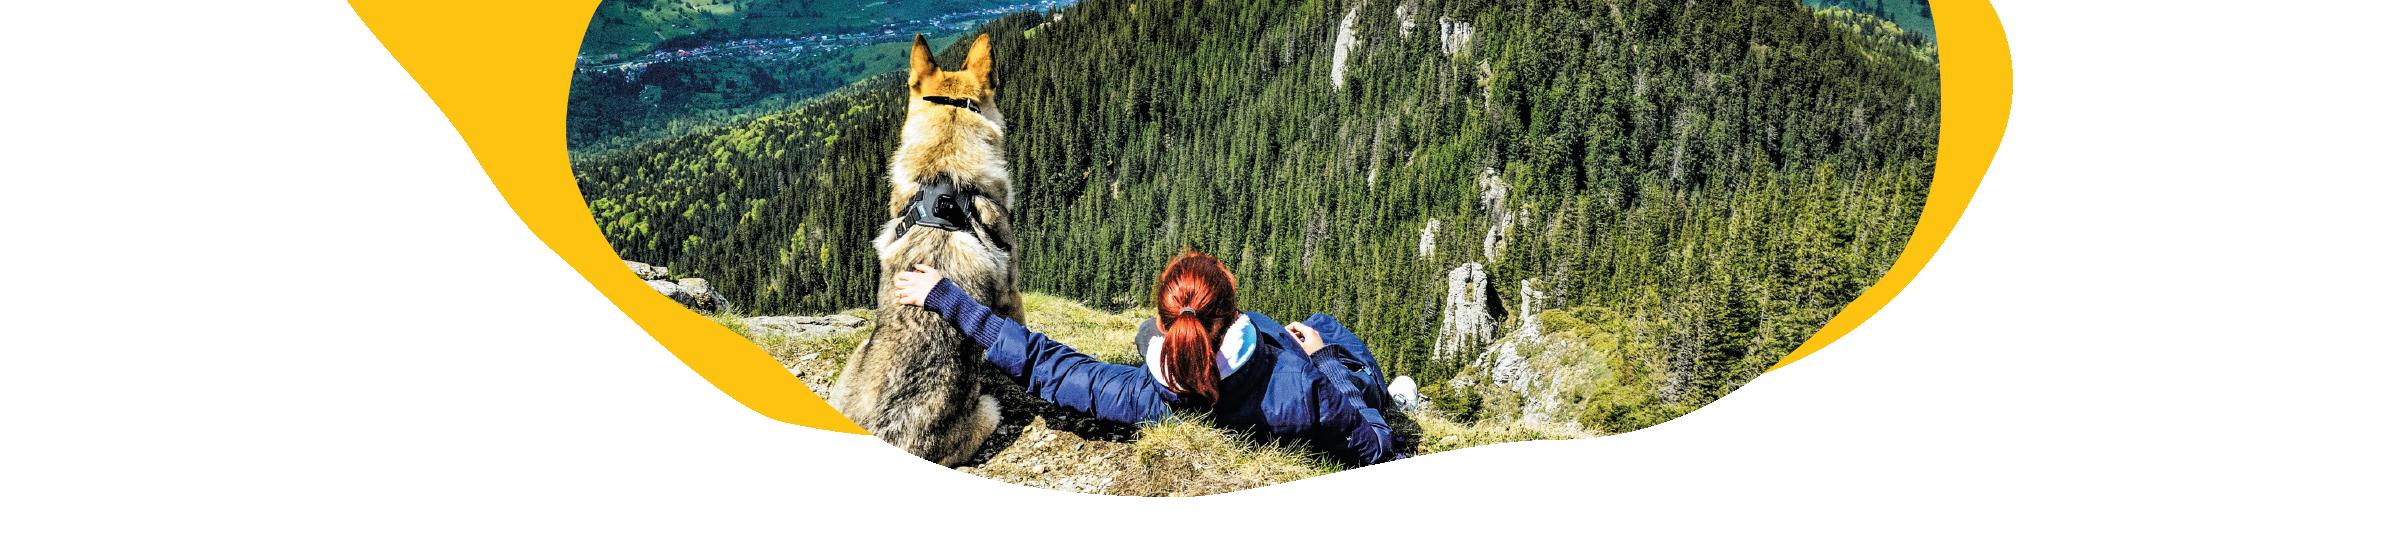 Wanderurlaub mit Hund Header